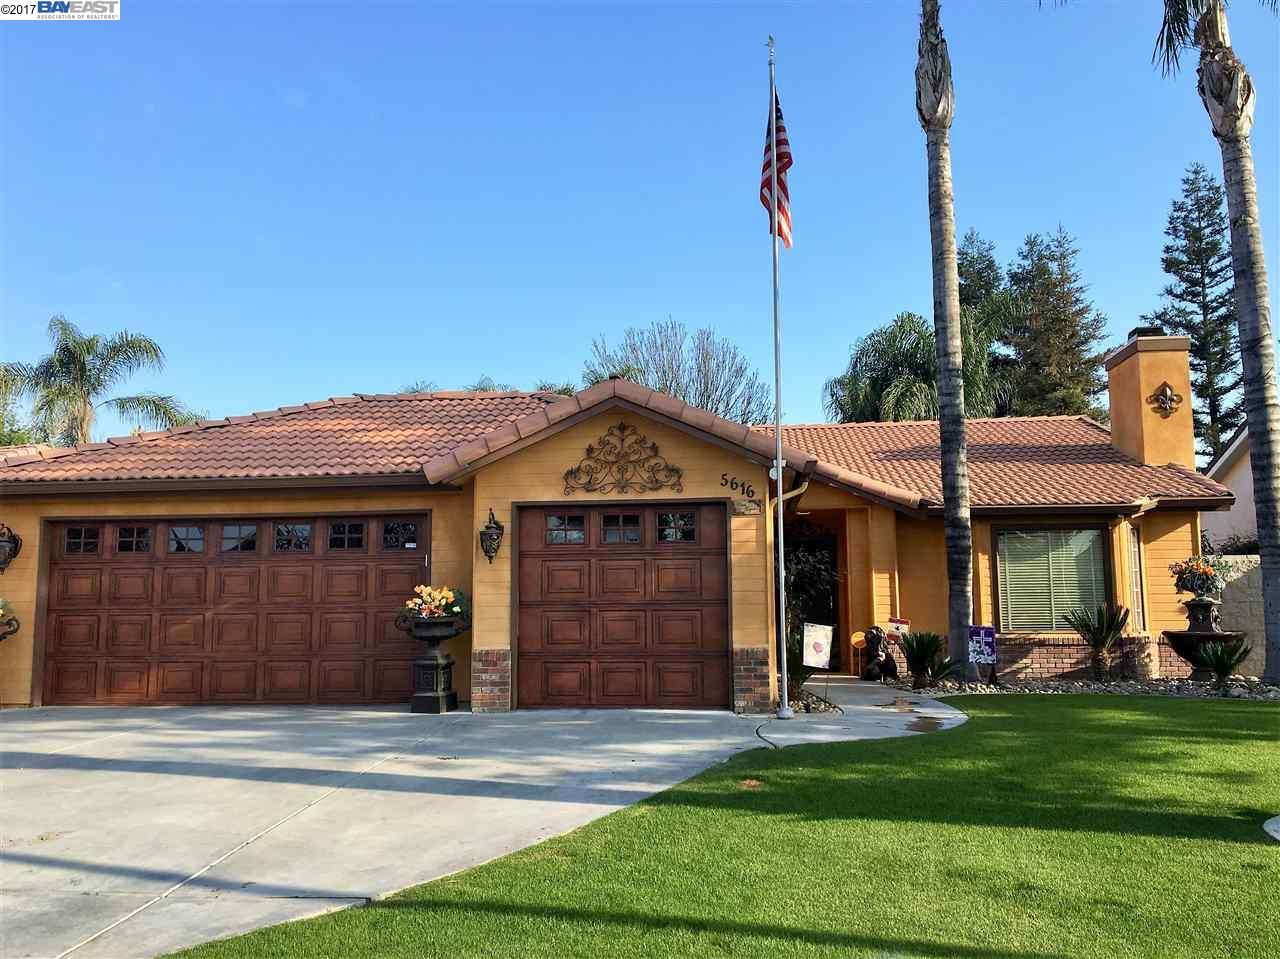 Maison unifamiliale pour l Vente à 5616 Spring Blossom Bakersfield, Californie 93313 États-Unis